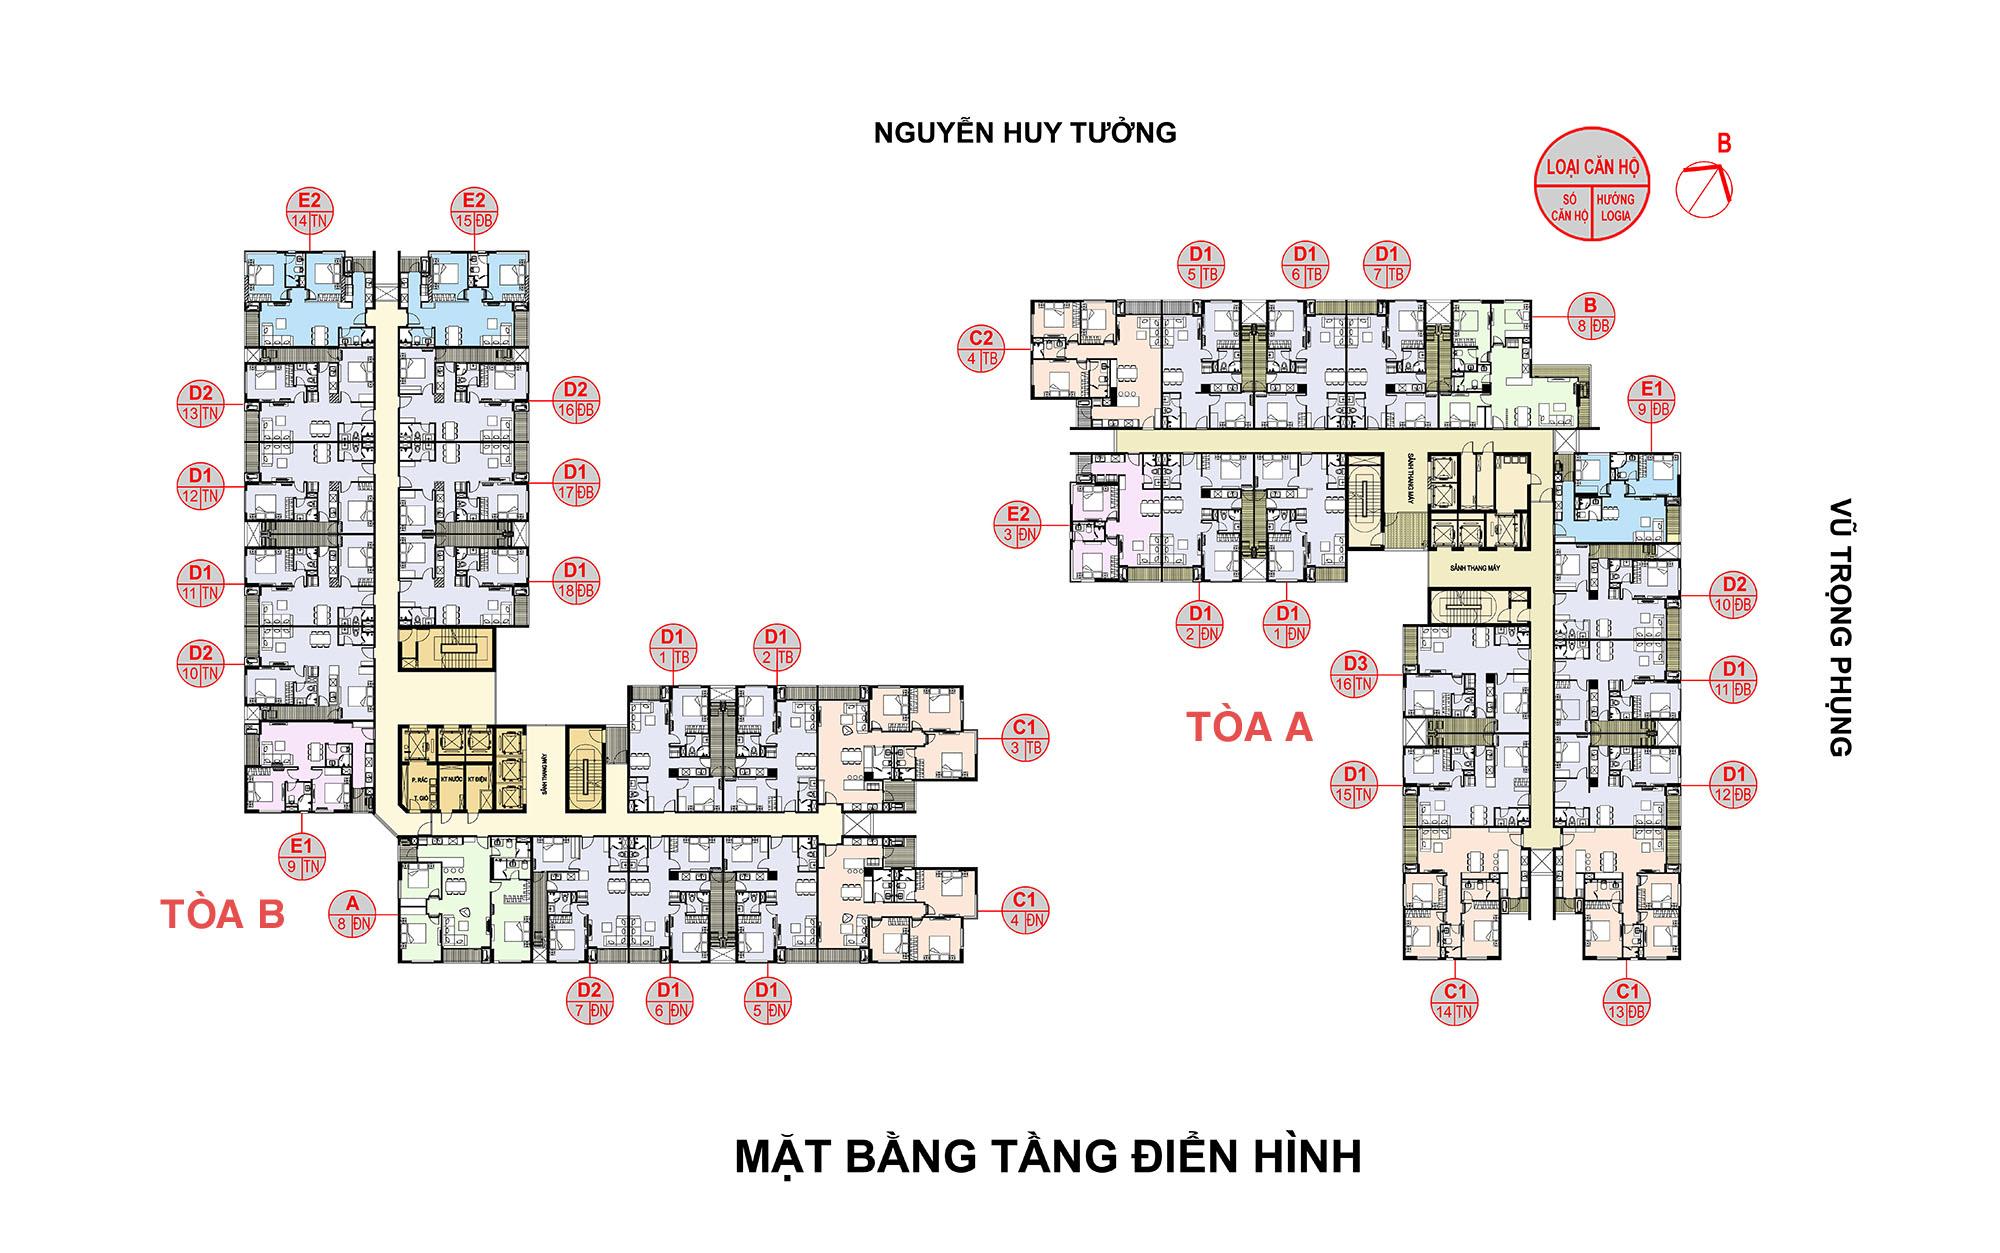 mat-bang-tang-dien-hinh-chung-cu-69-vu-trong-phung